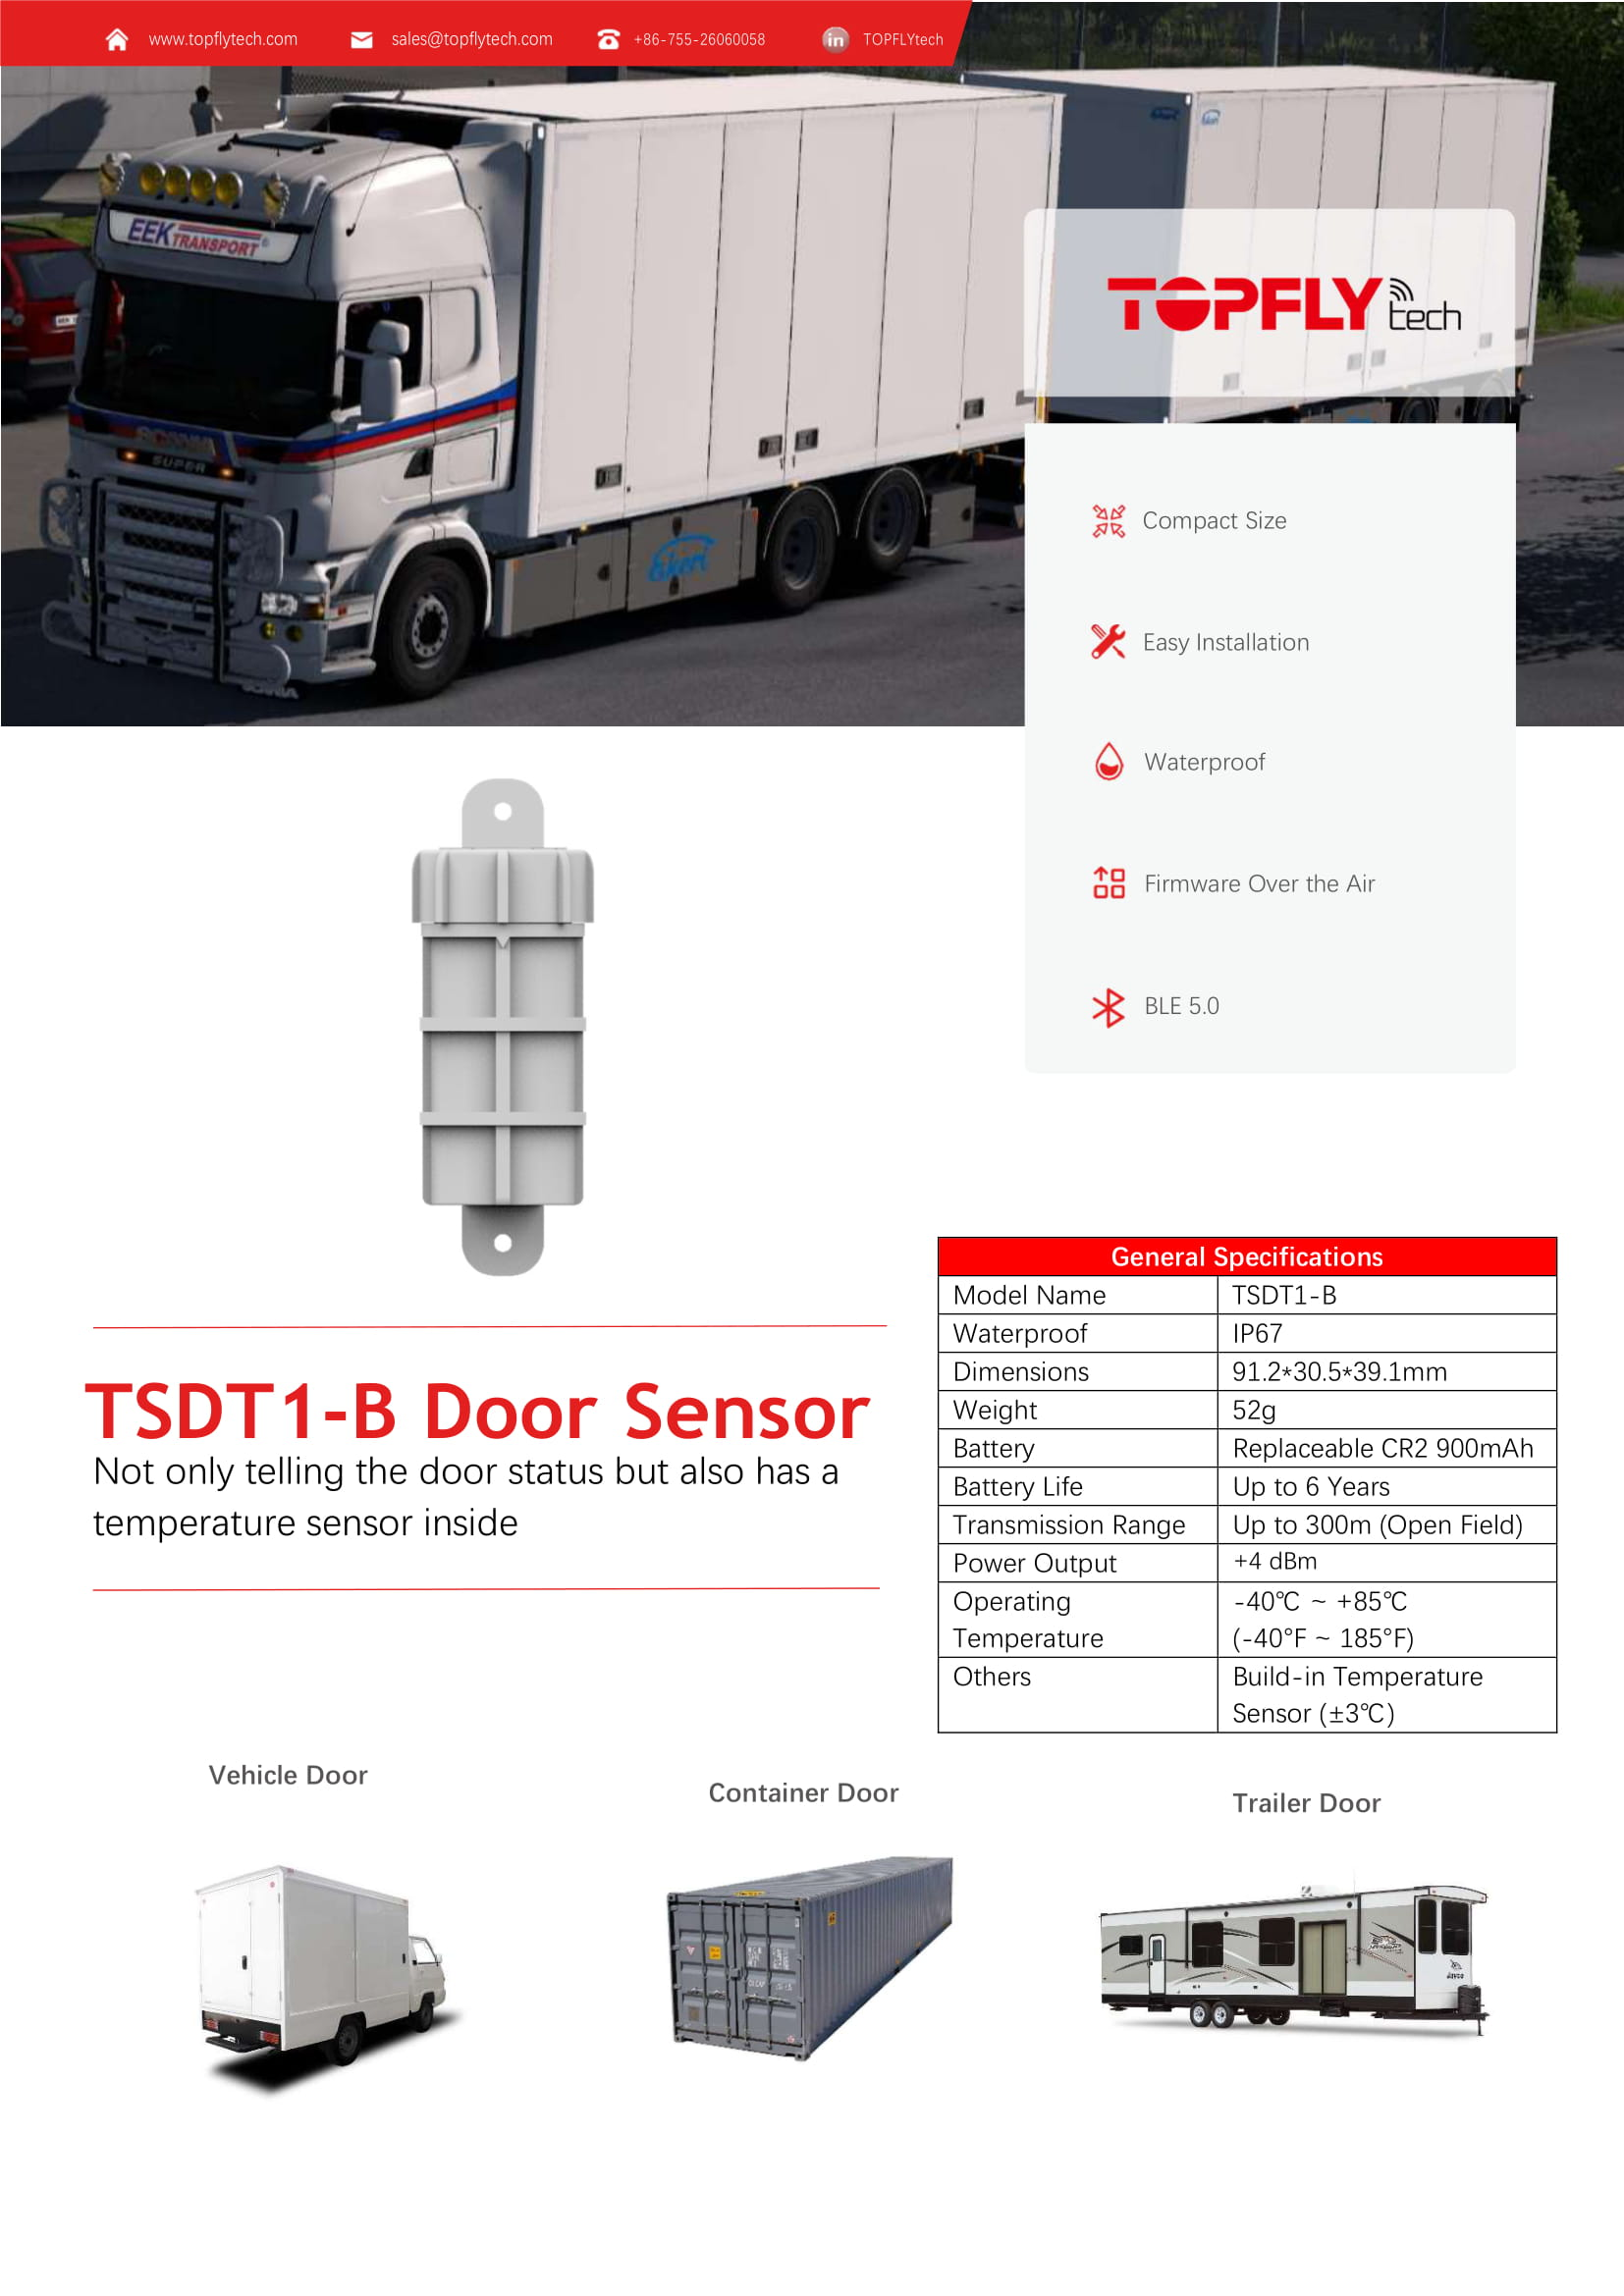 TSDT1-B